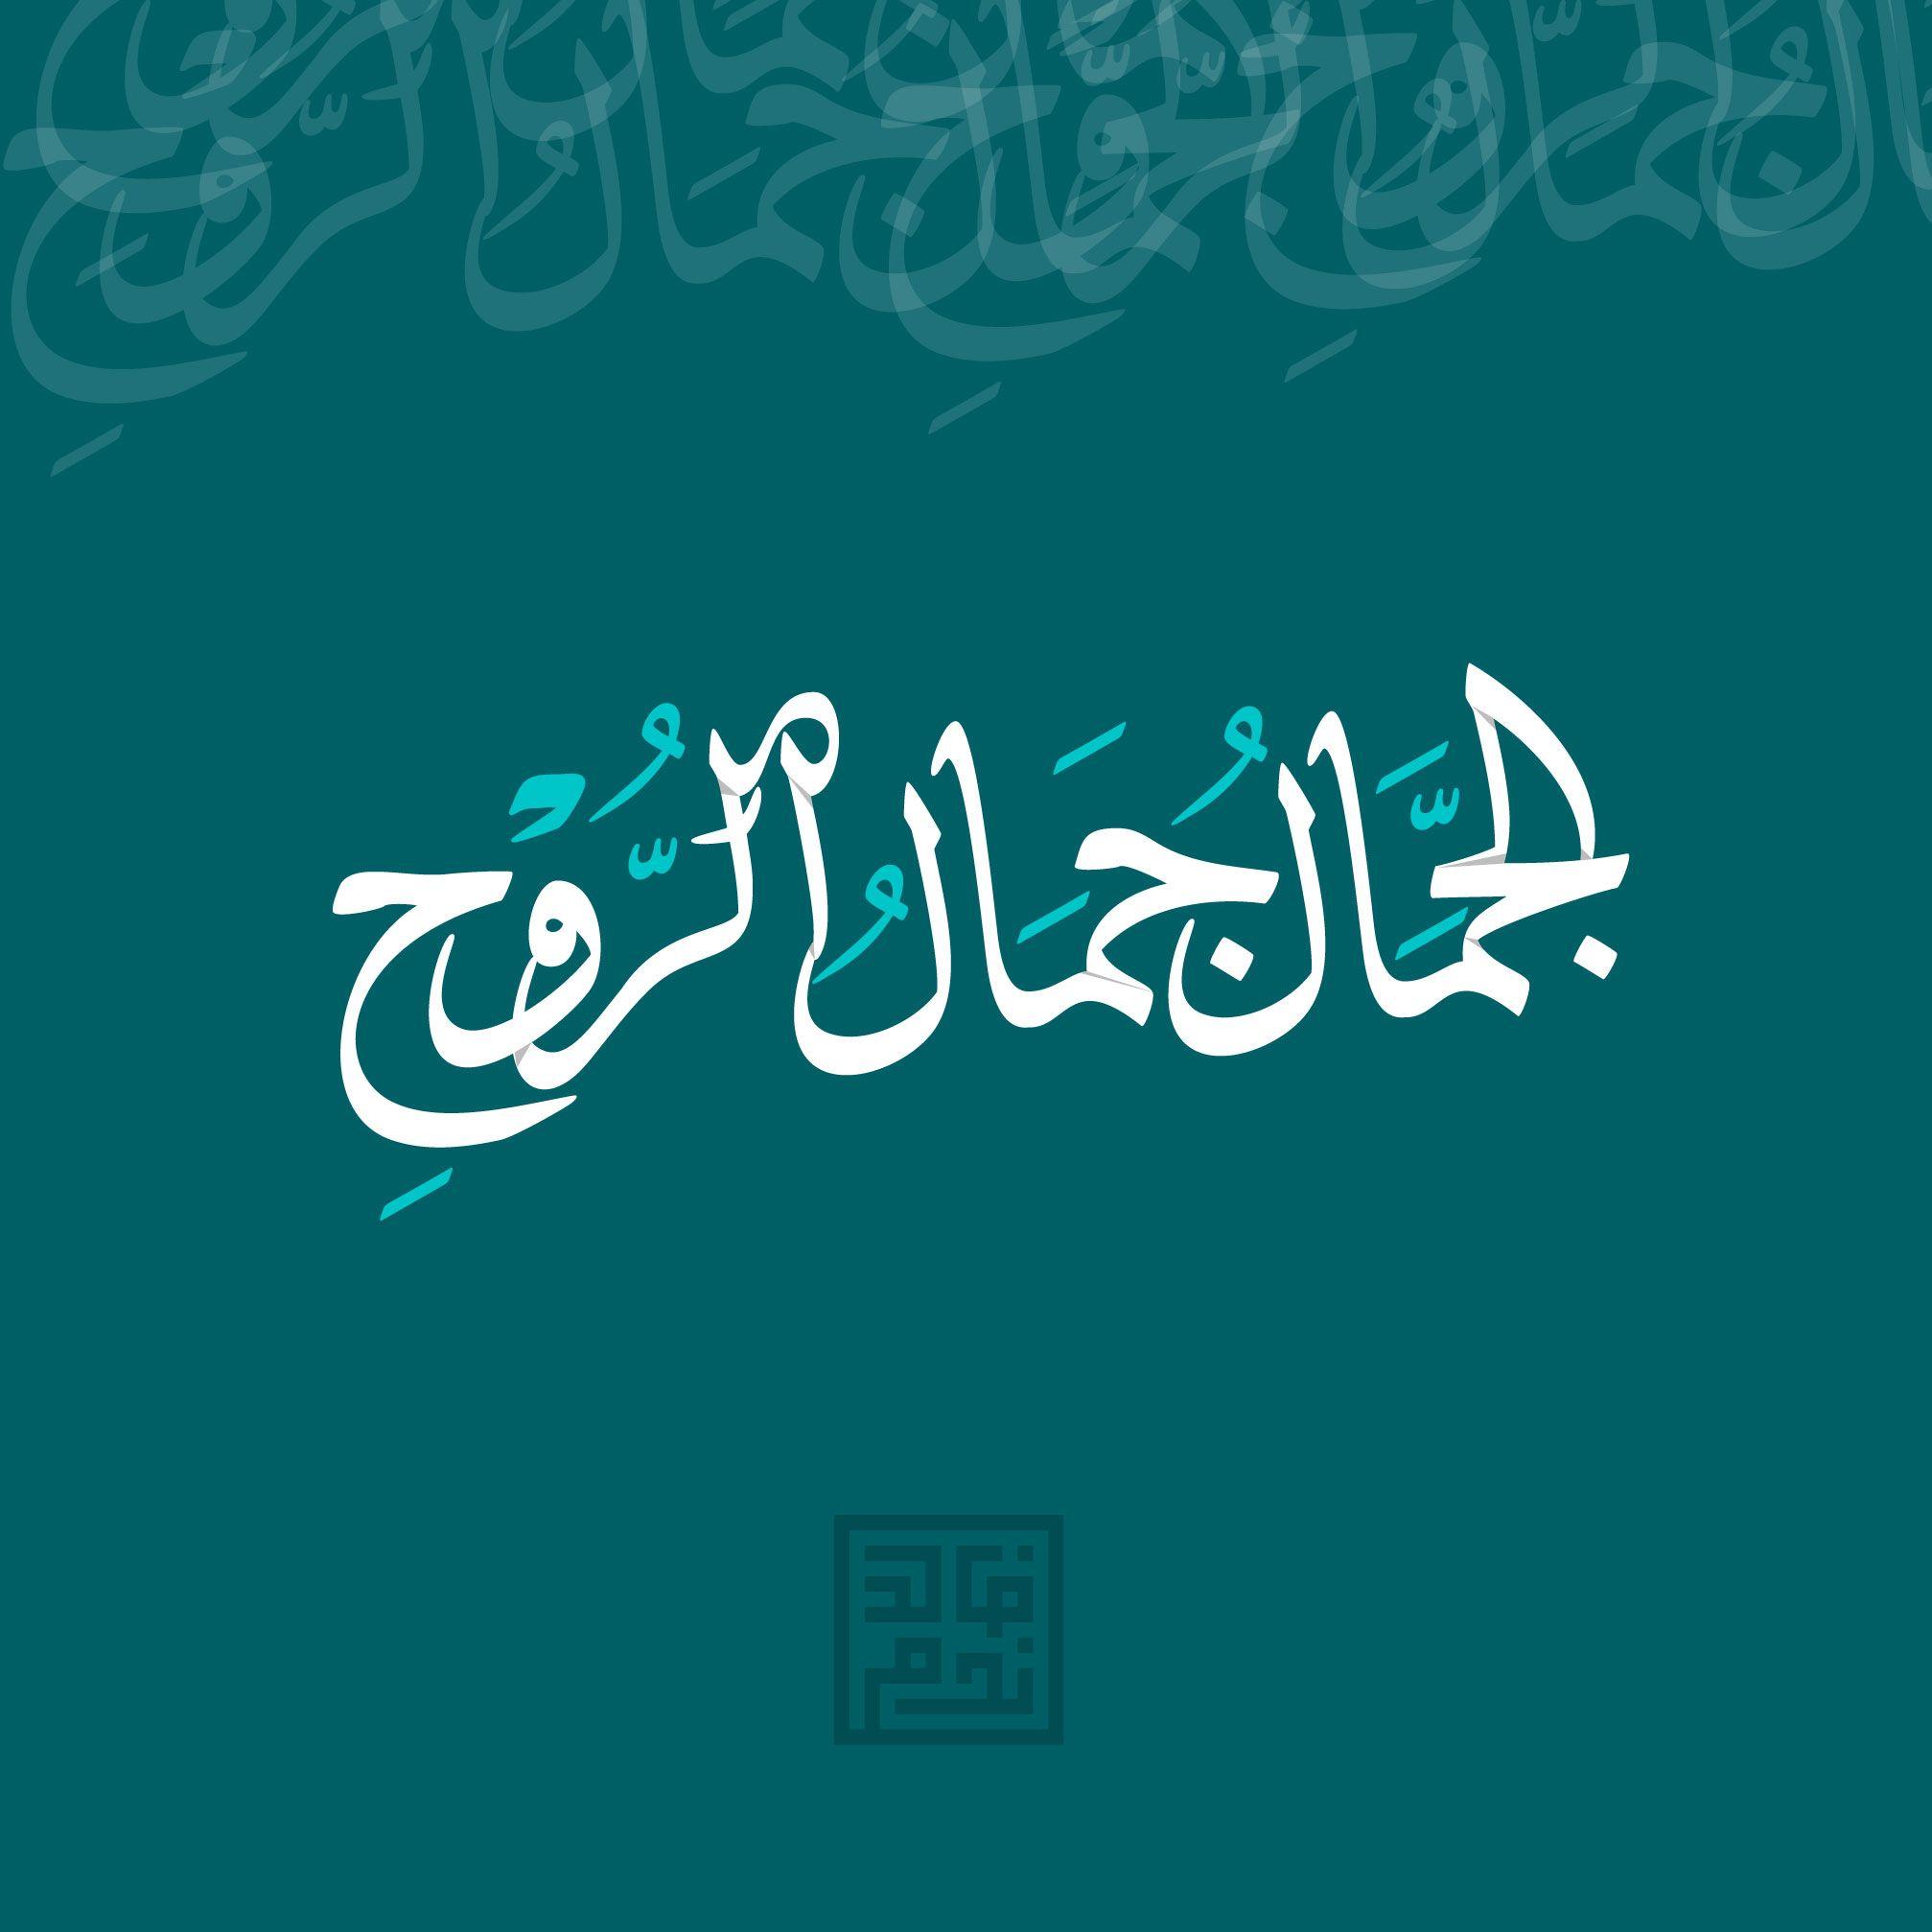 الجمال جمال الروح Words Quotes Words Calligraphy